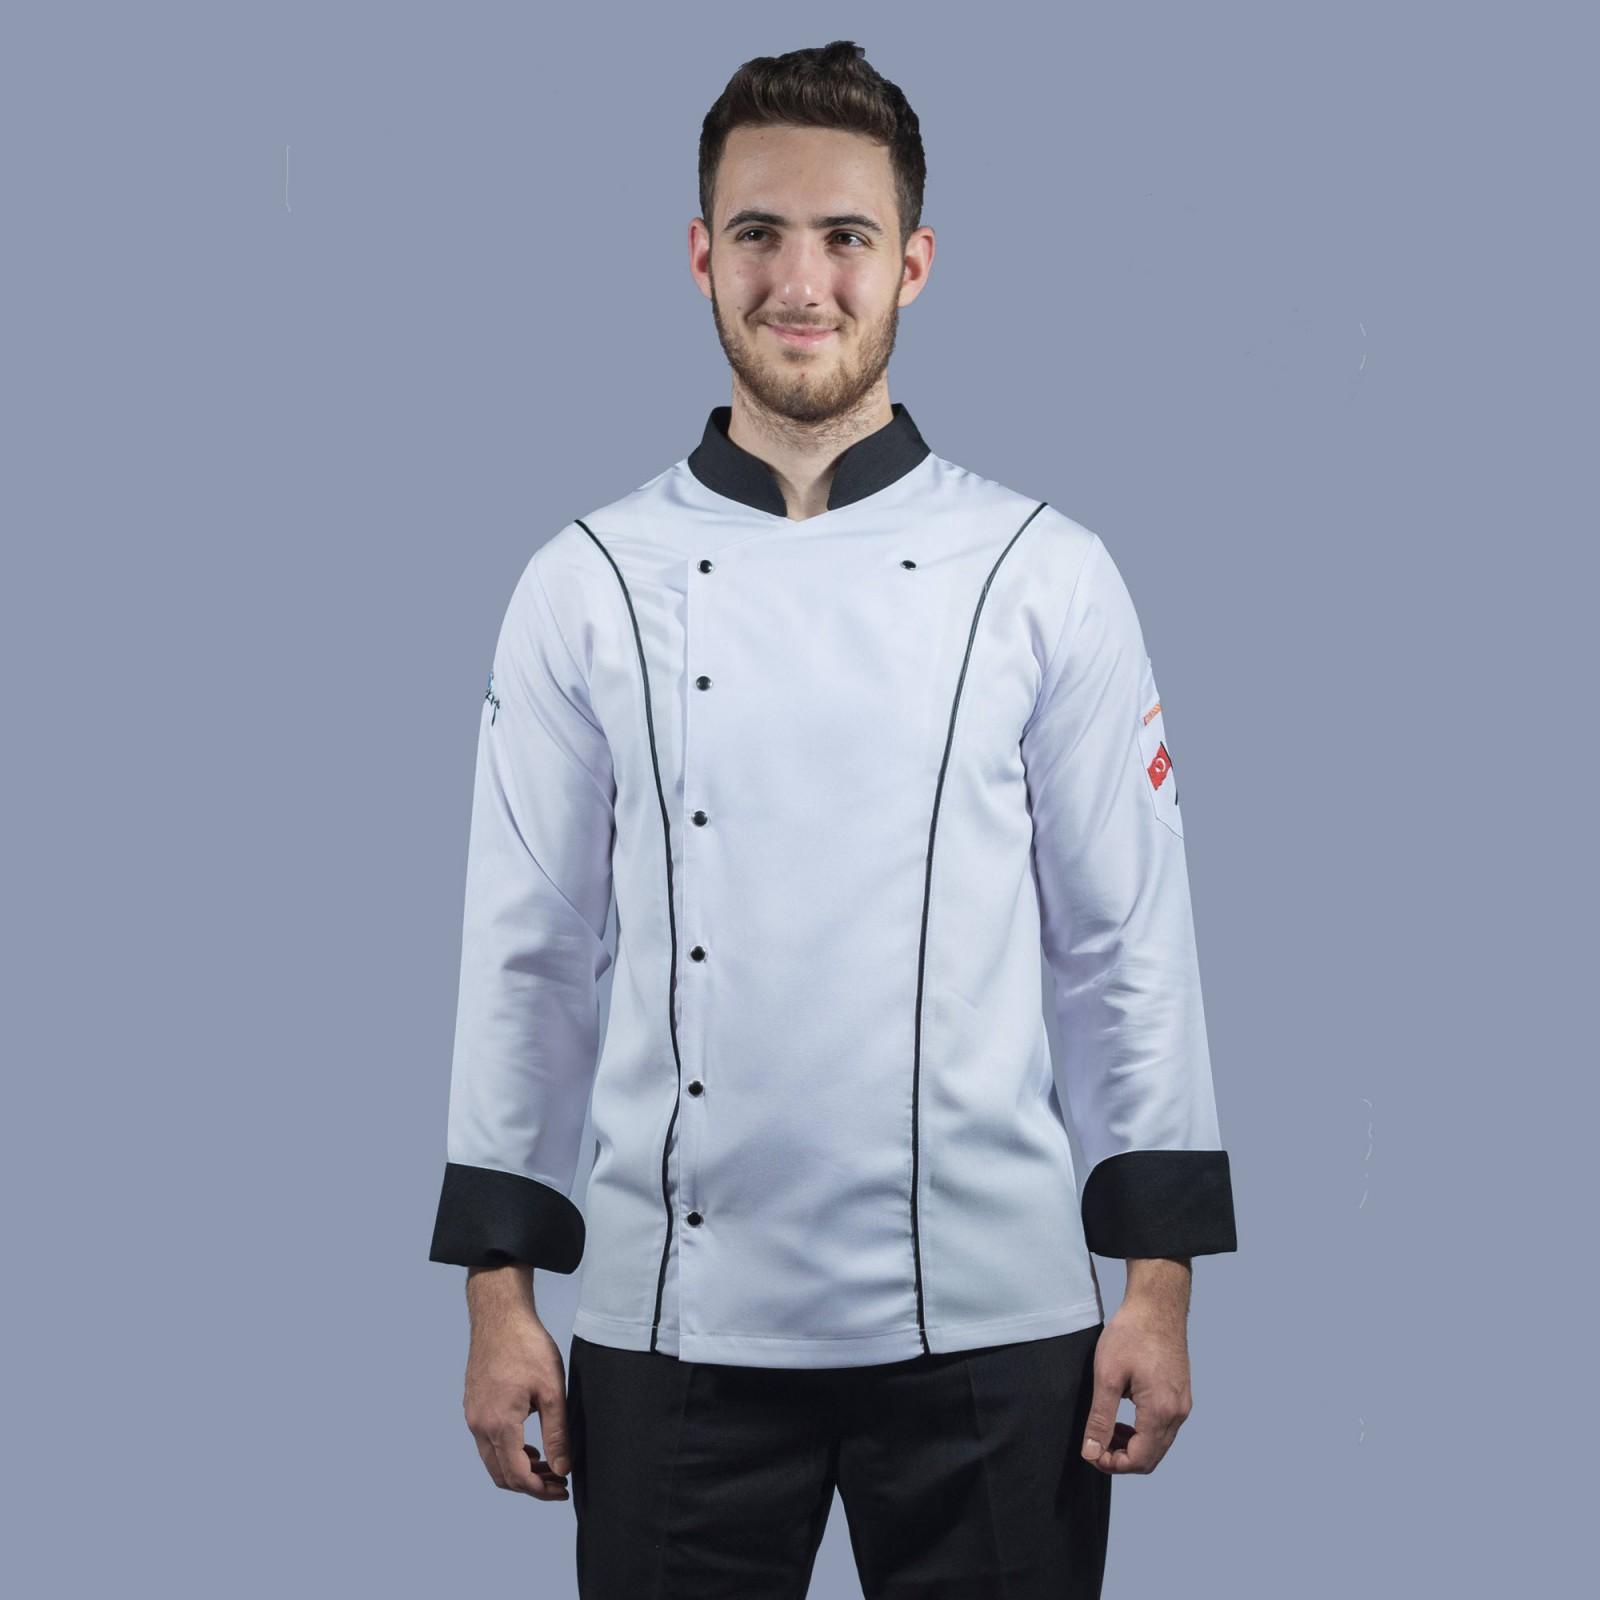 Erkek Aşçı Ceketi Hakim Yaka